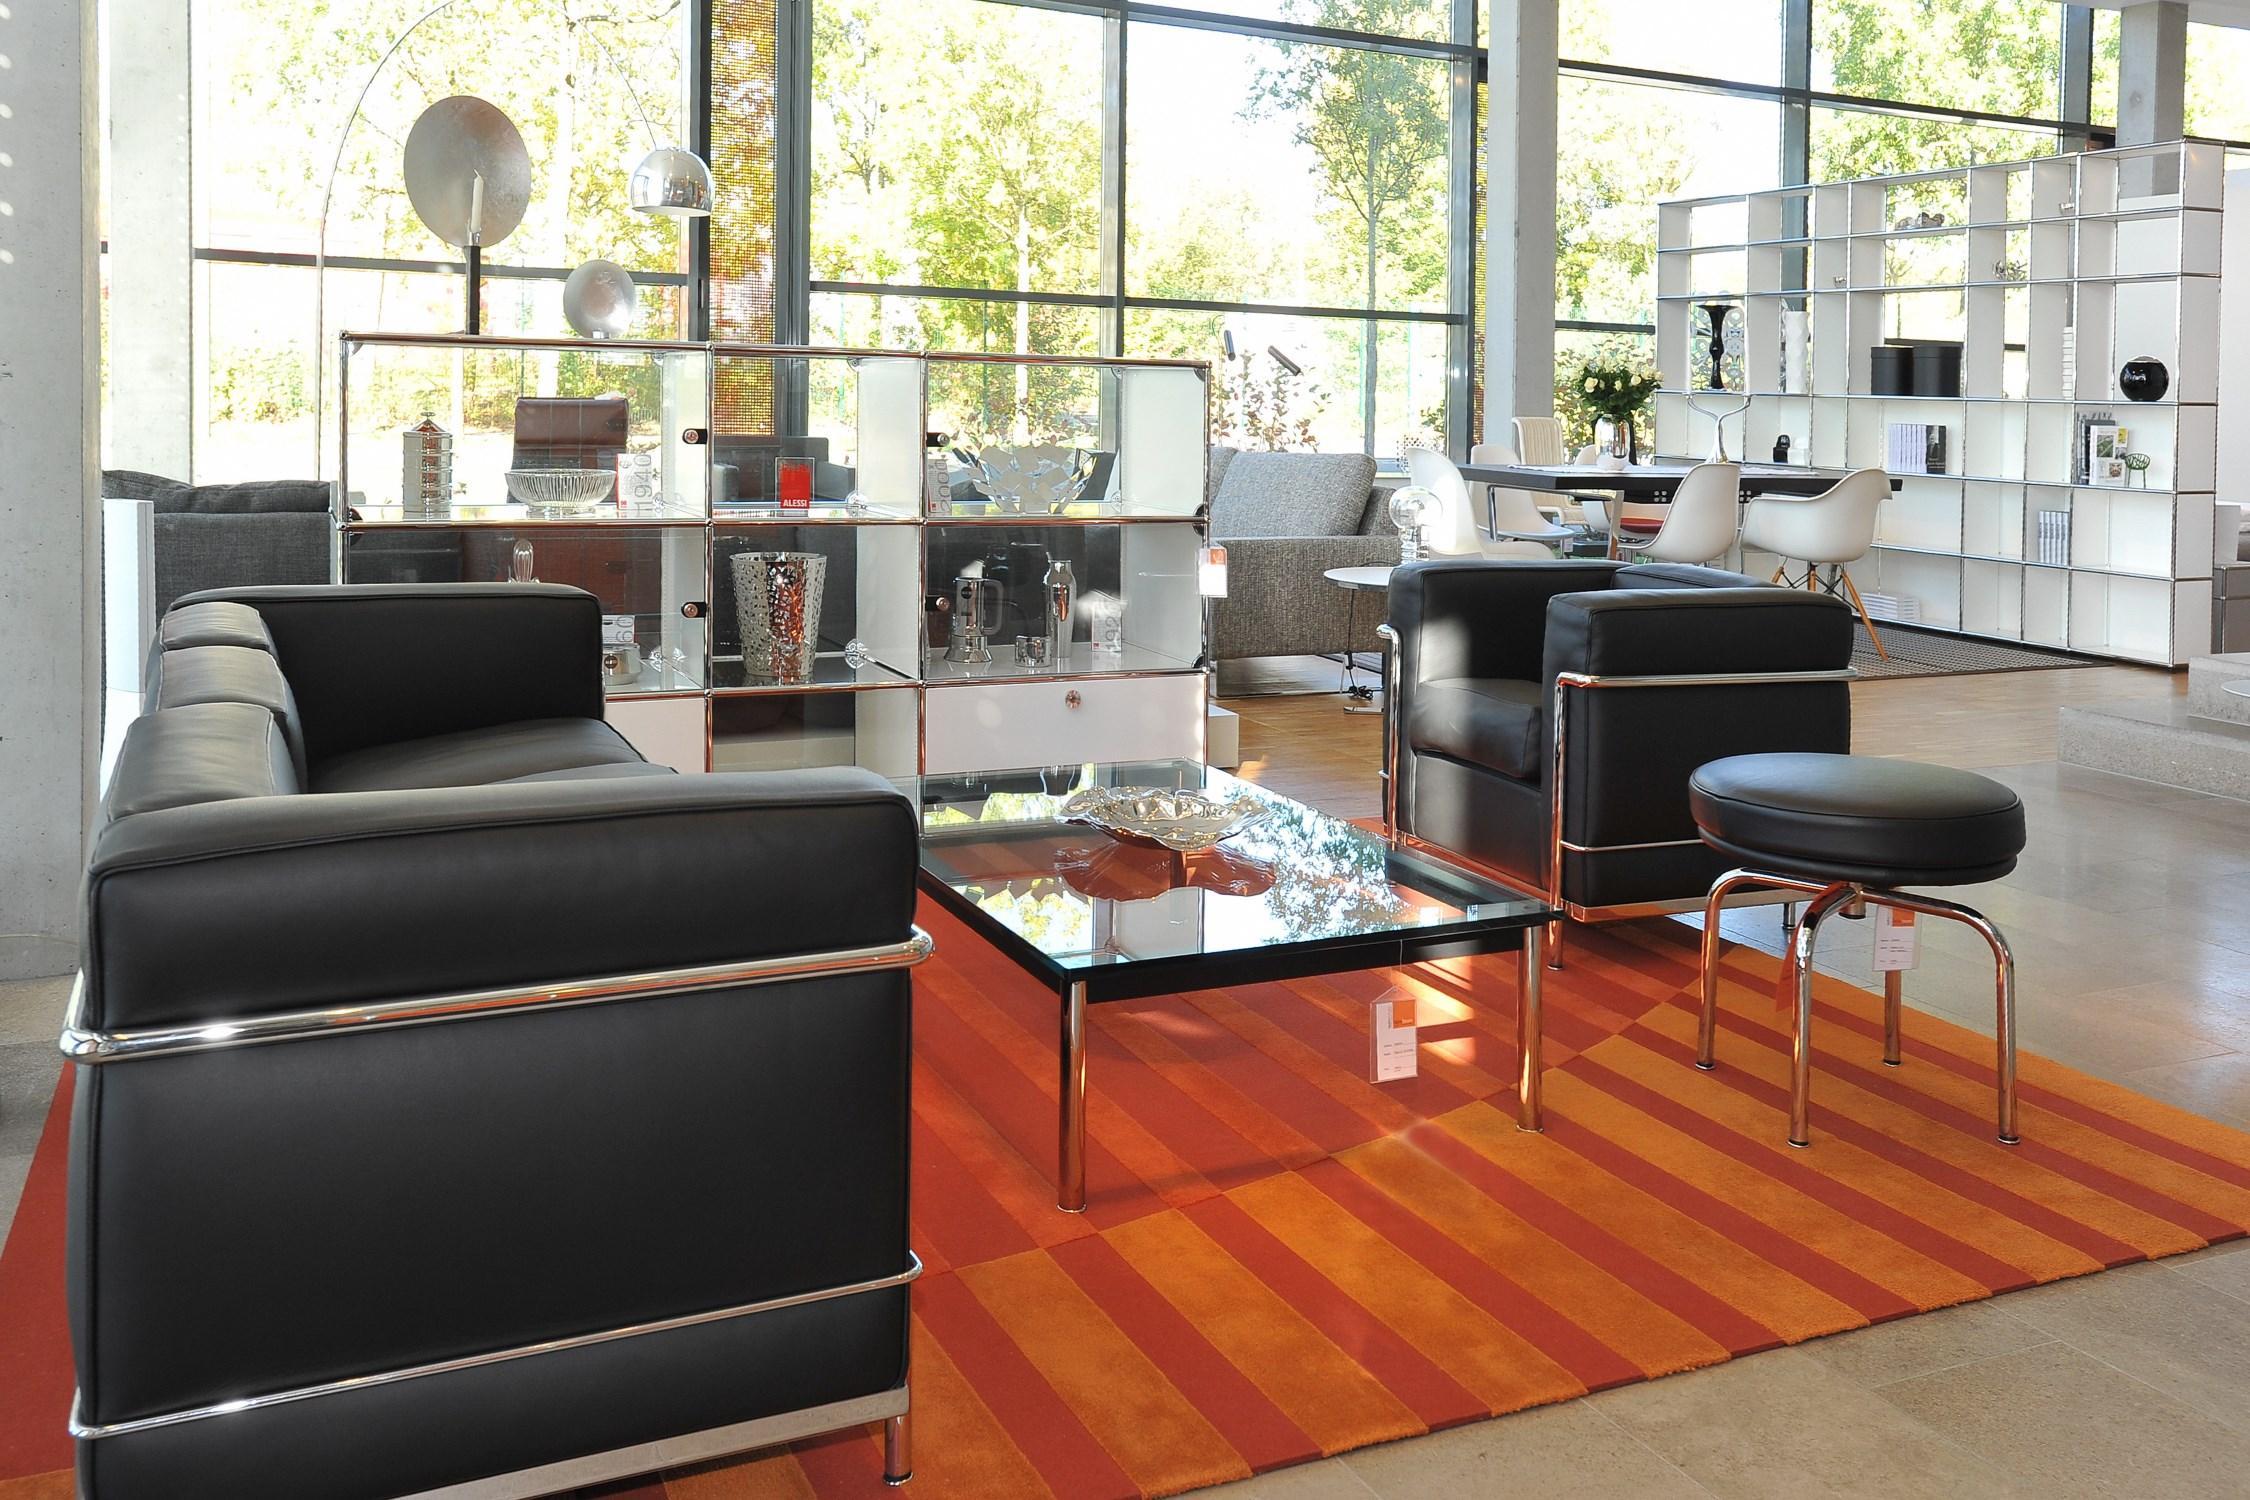 Usm Haller Wohnzimmer usm haller bilder ideen couchstyle